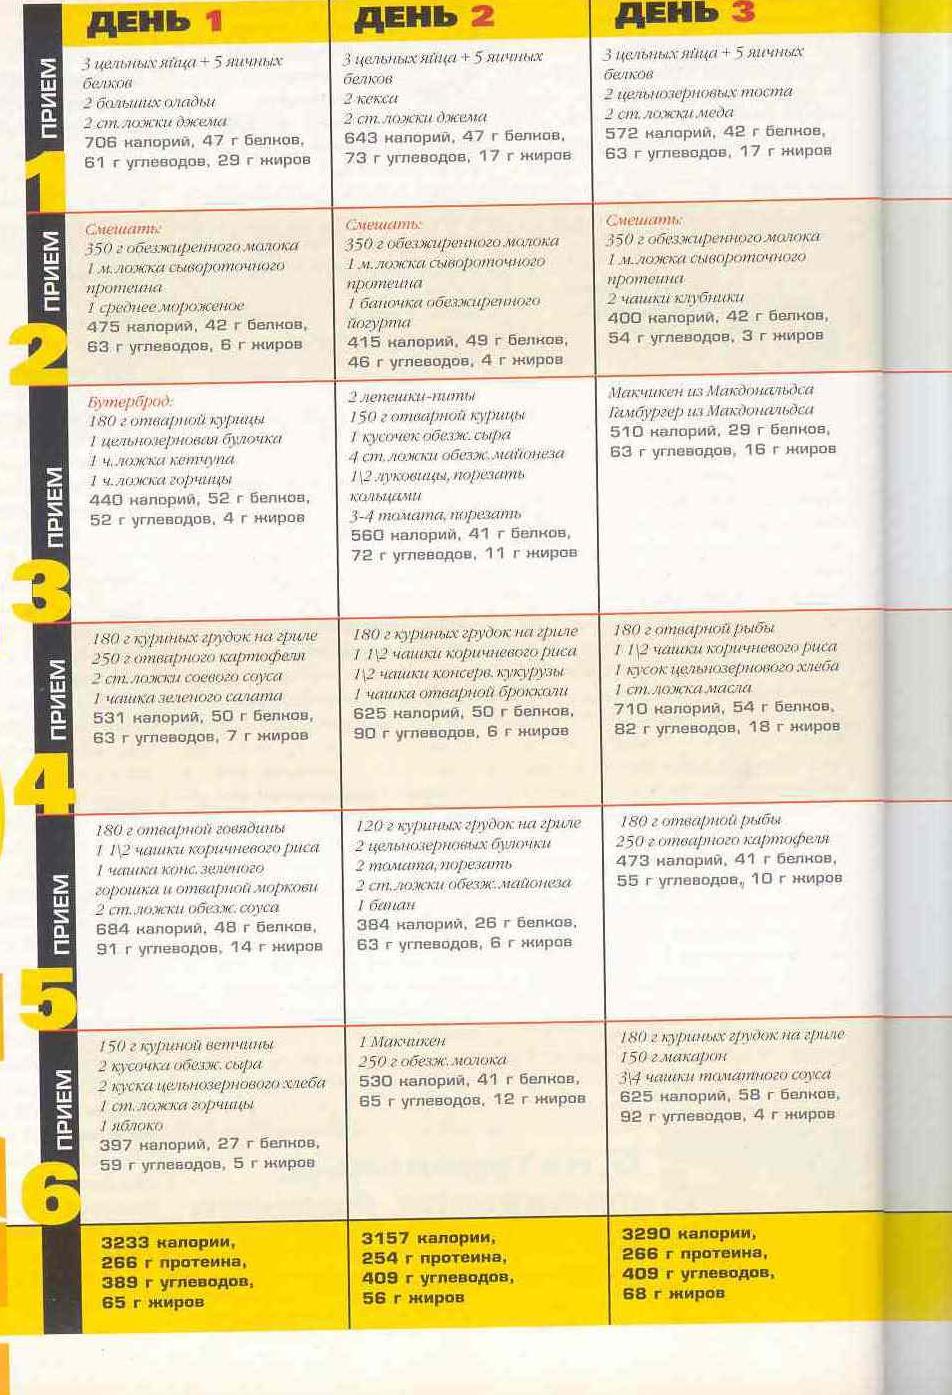 metodika-pitaniya-chast-1-00